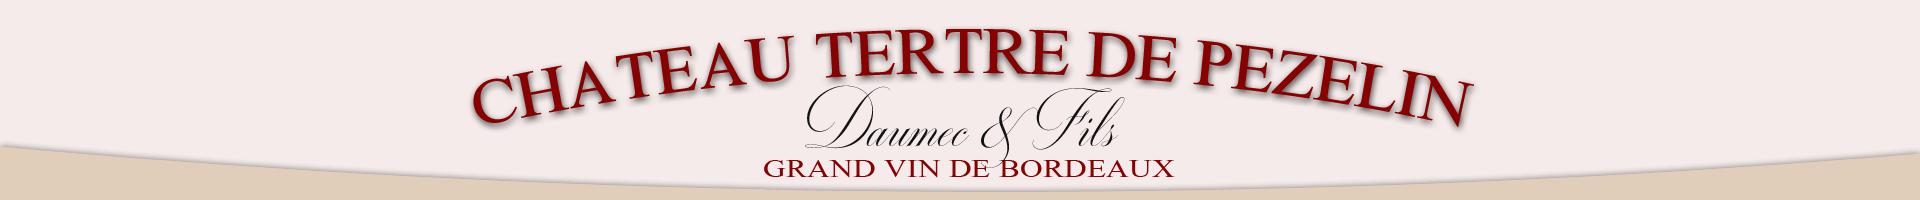 Logo Chateau Tertre de Pezelin